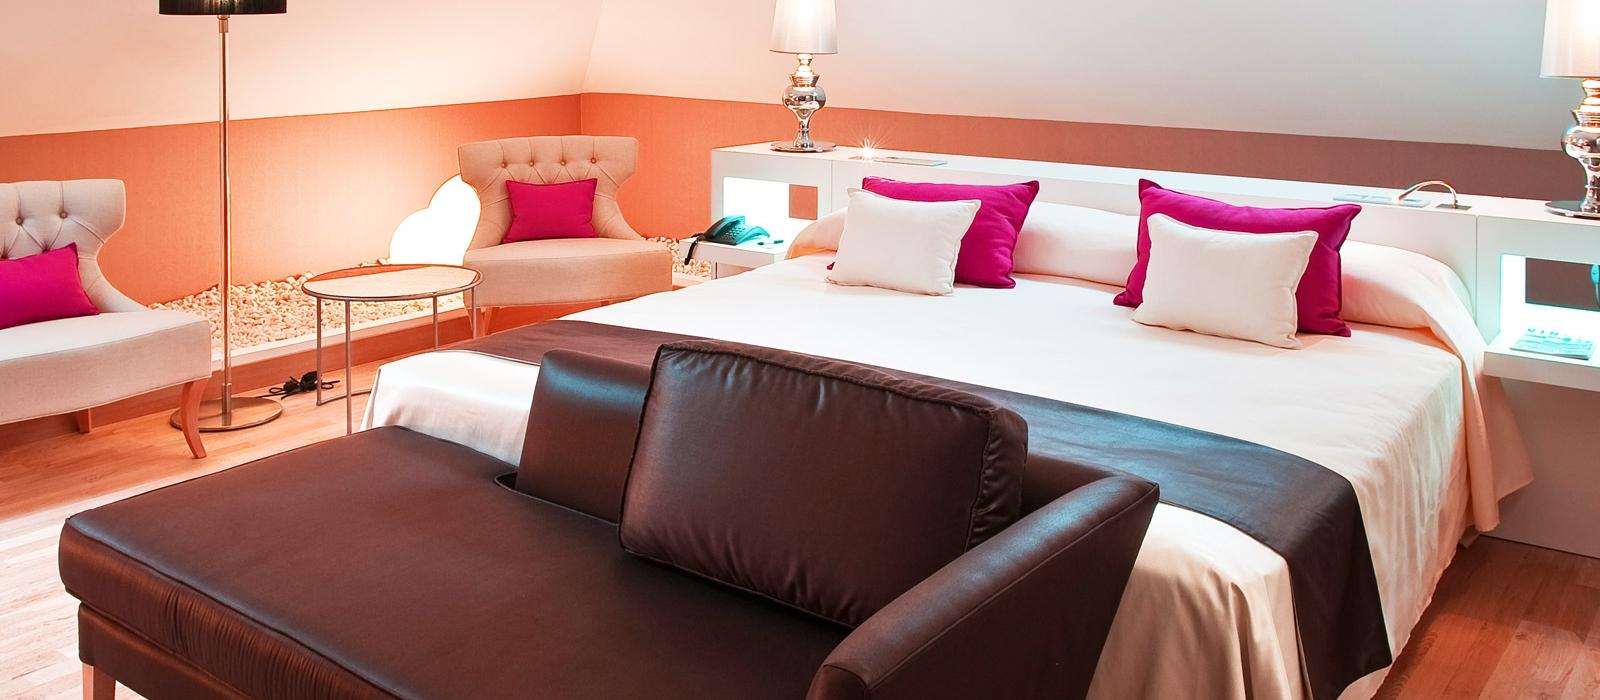 Rooms Hotel Vincci Málaga Posada del patio - Suite Room